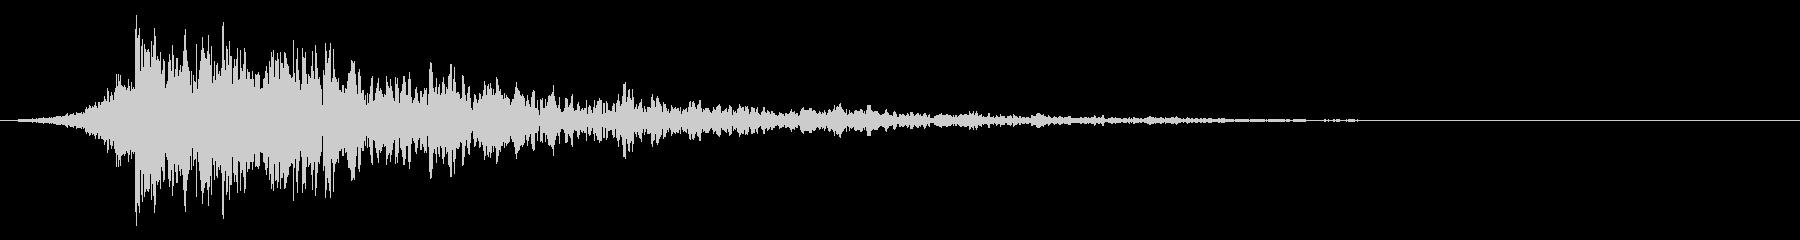 シュードーン-55-2(インパクト音)の未再生の波形